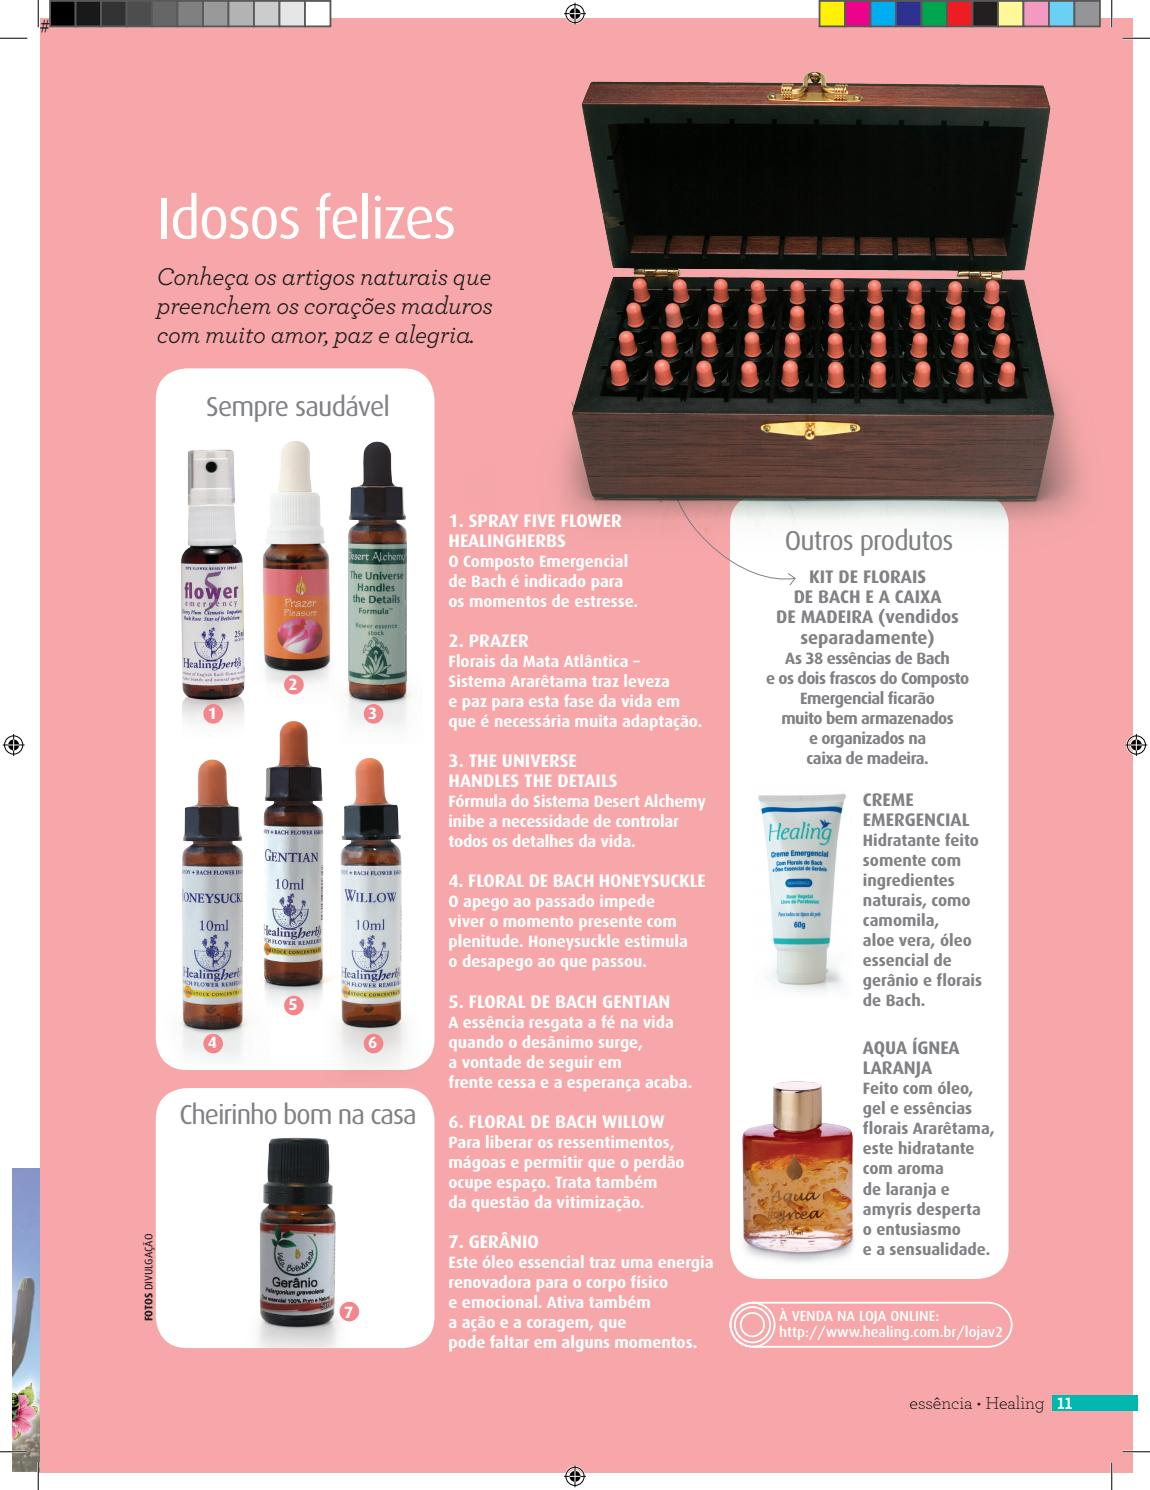 a1fdcf397 Revista Essência Healing - 3ª Edição by Healing Florais - issuu